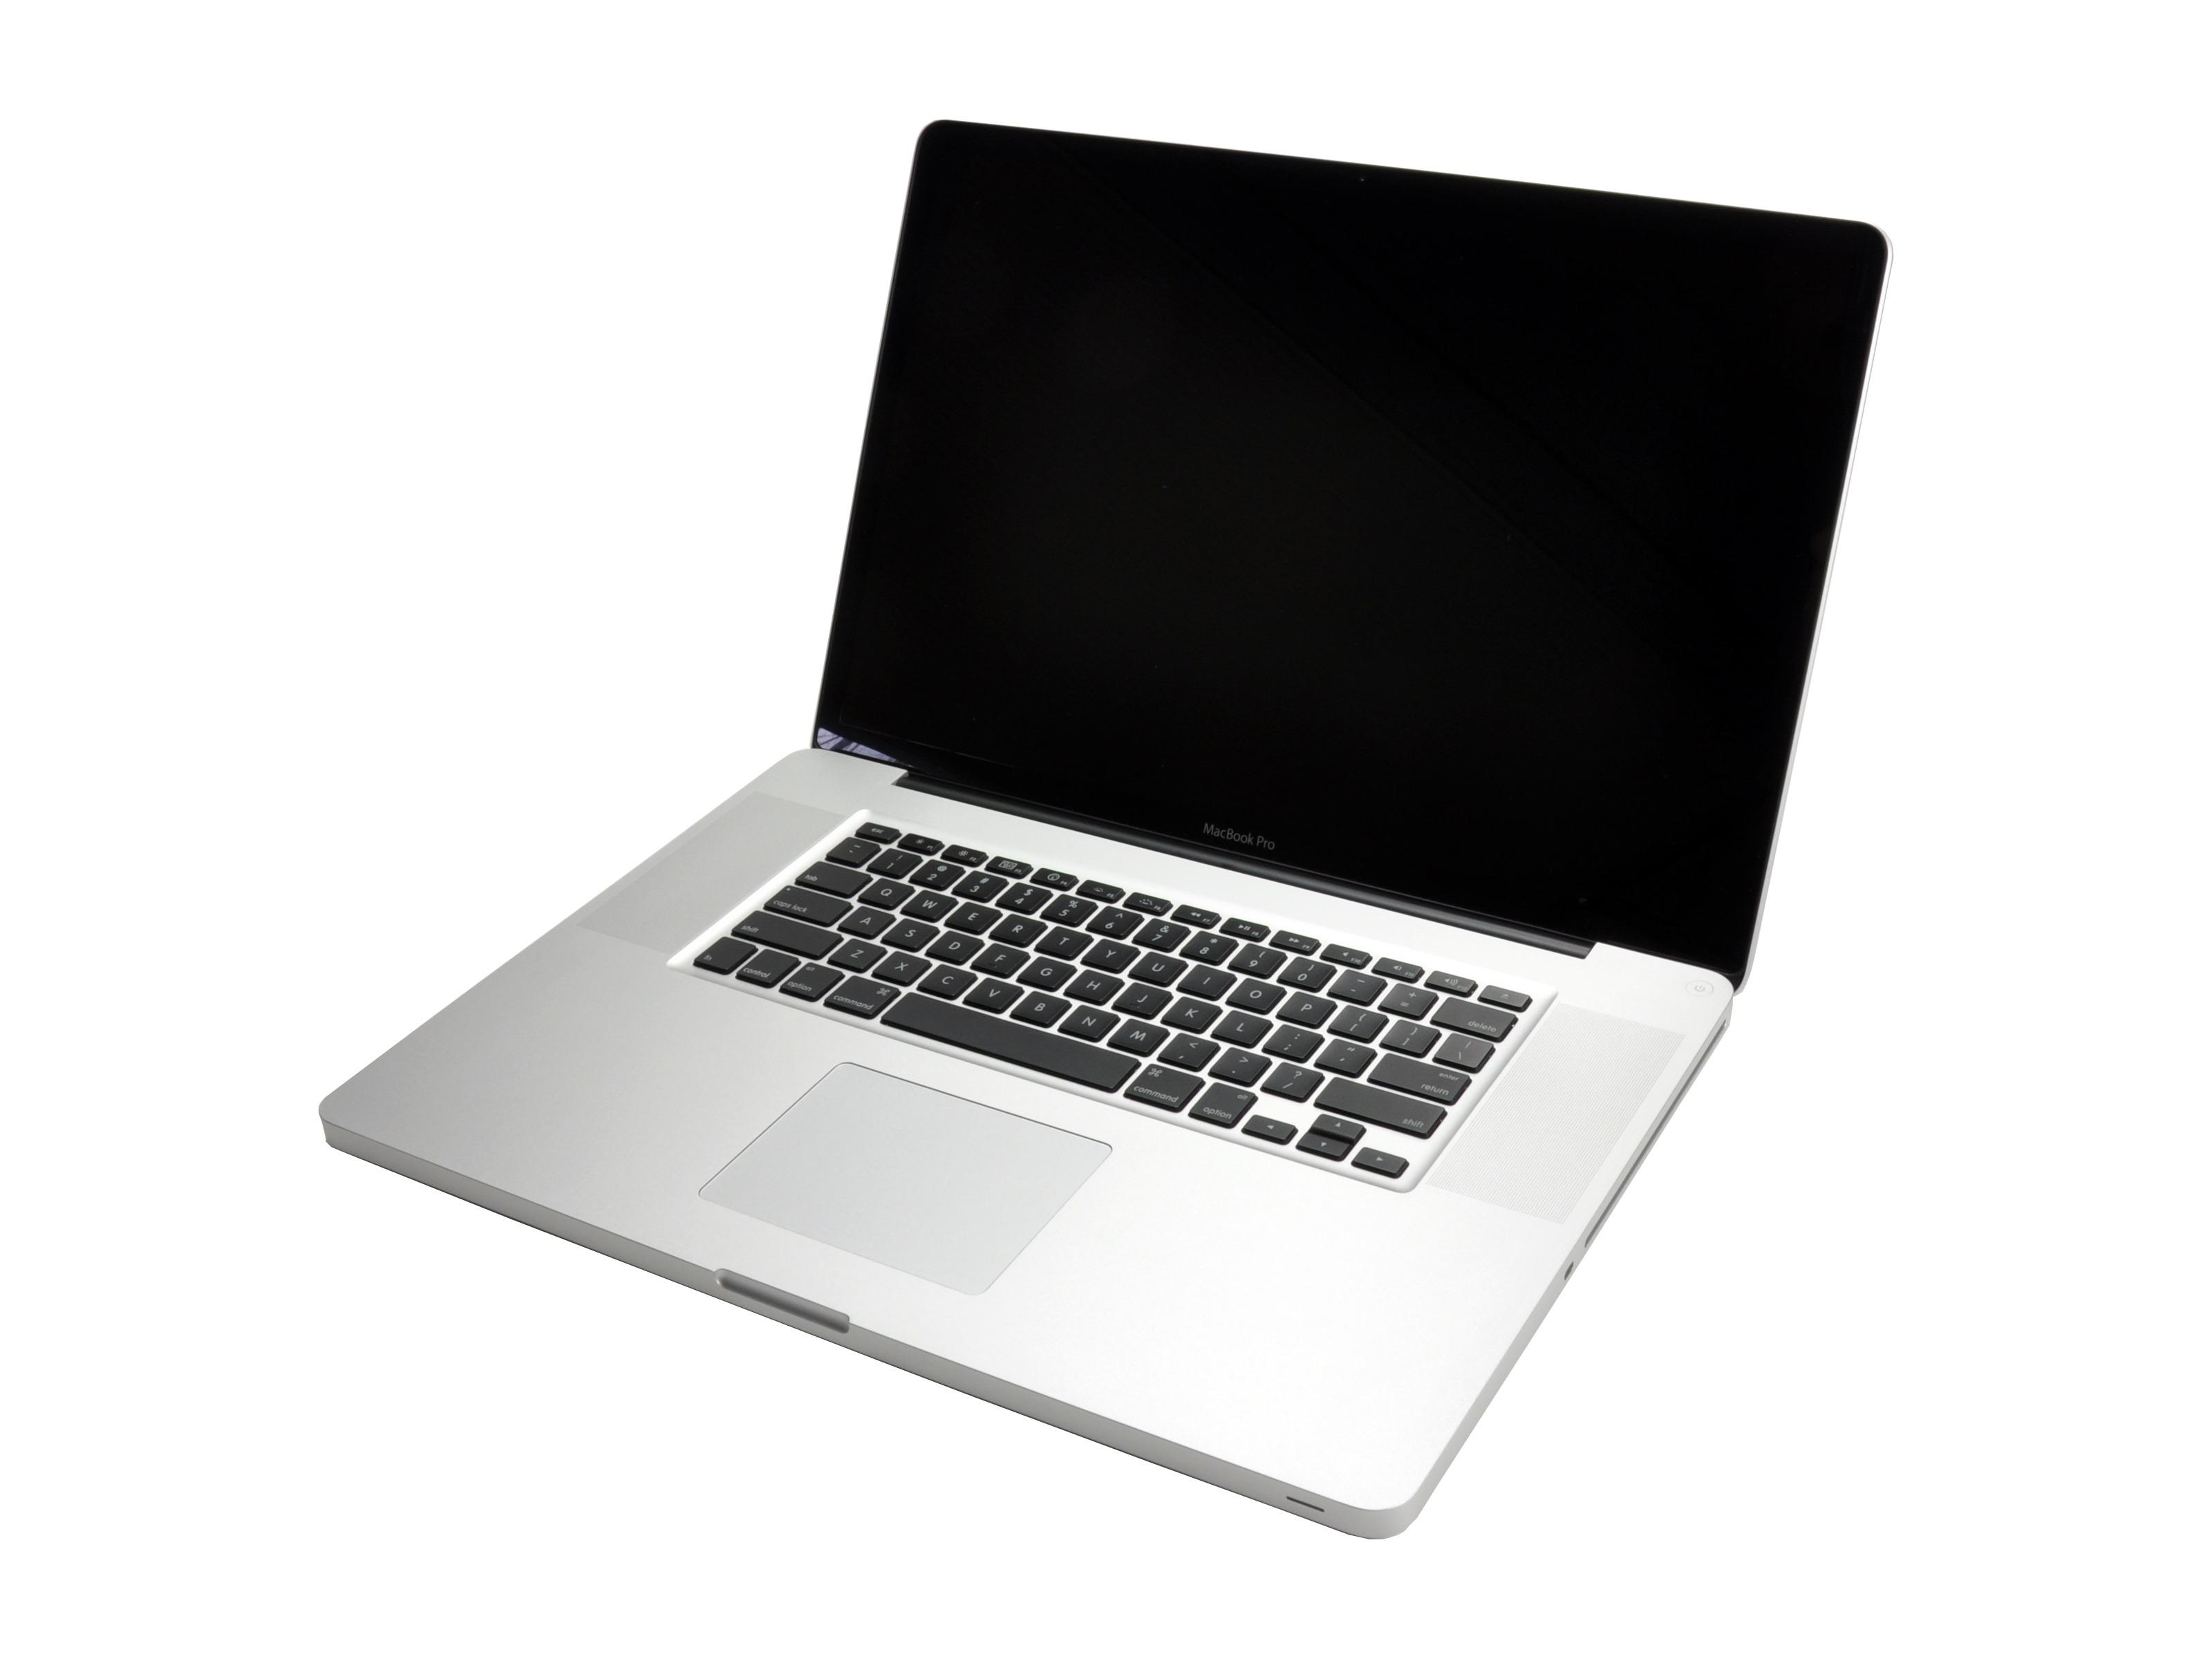 MACBOOK Pro Repair - iFixit